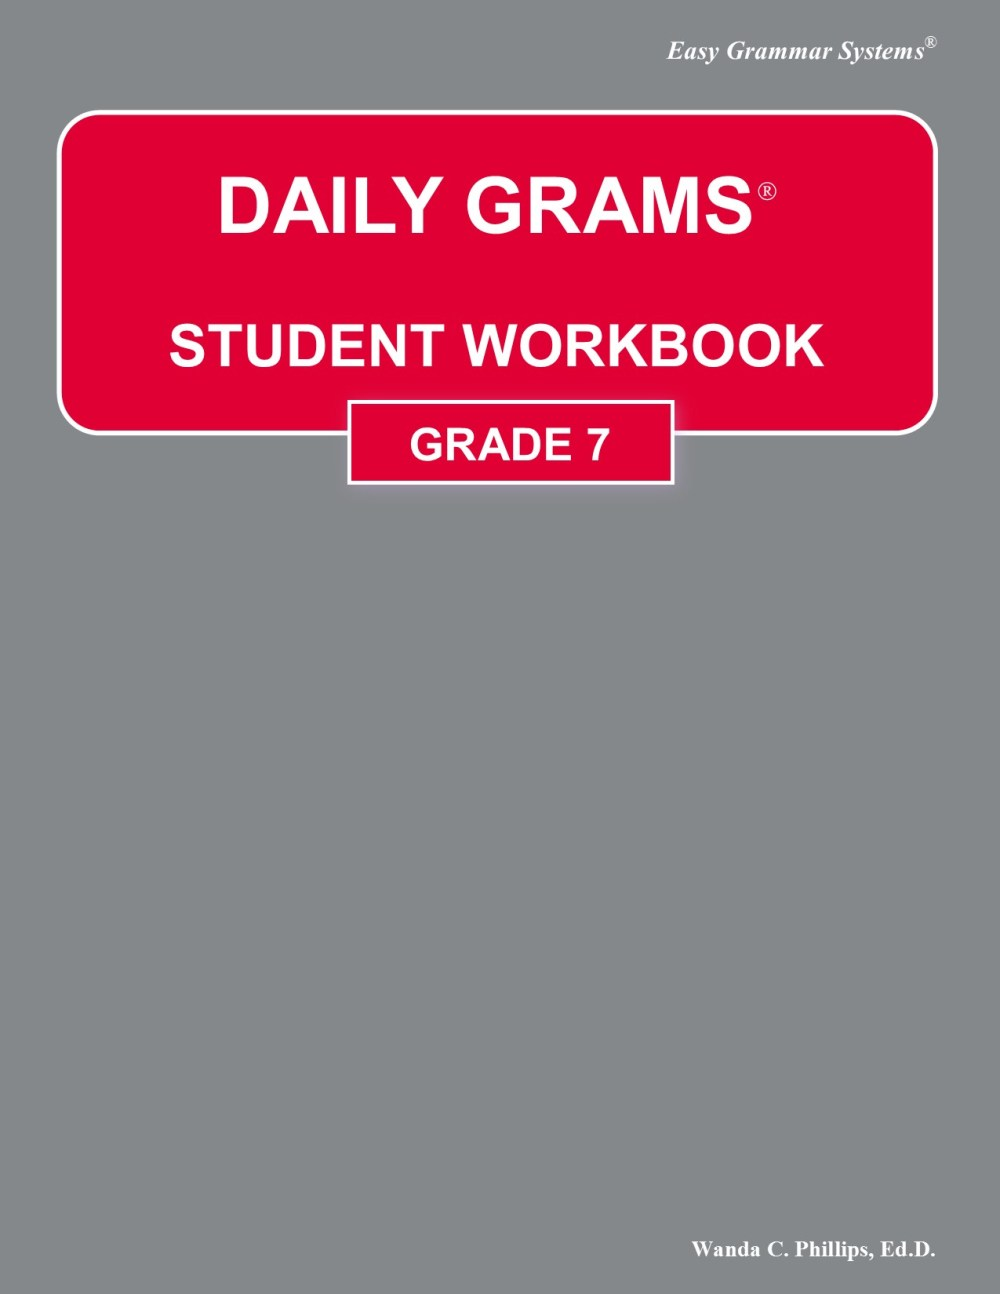 medium resolution of Daily Grams - Grade 7 - Easy Grammar Systems